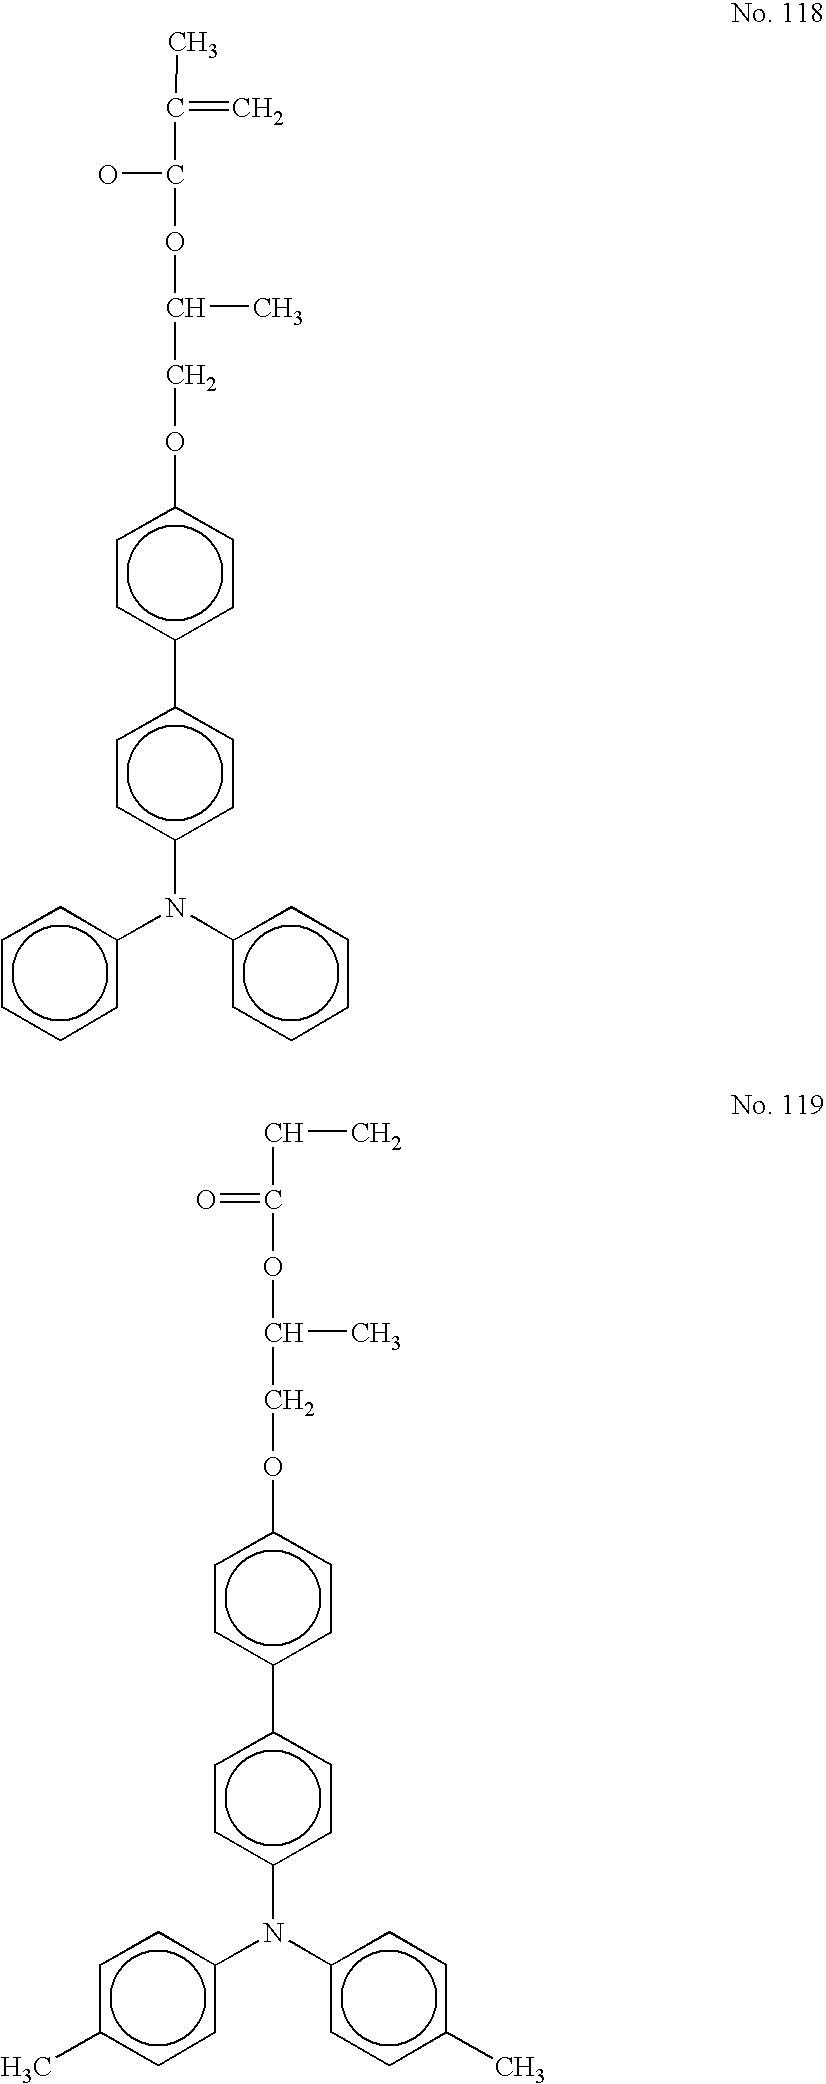 Figure US20050175911A1-20050811-C00042